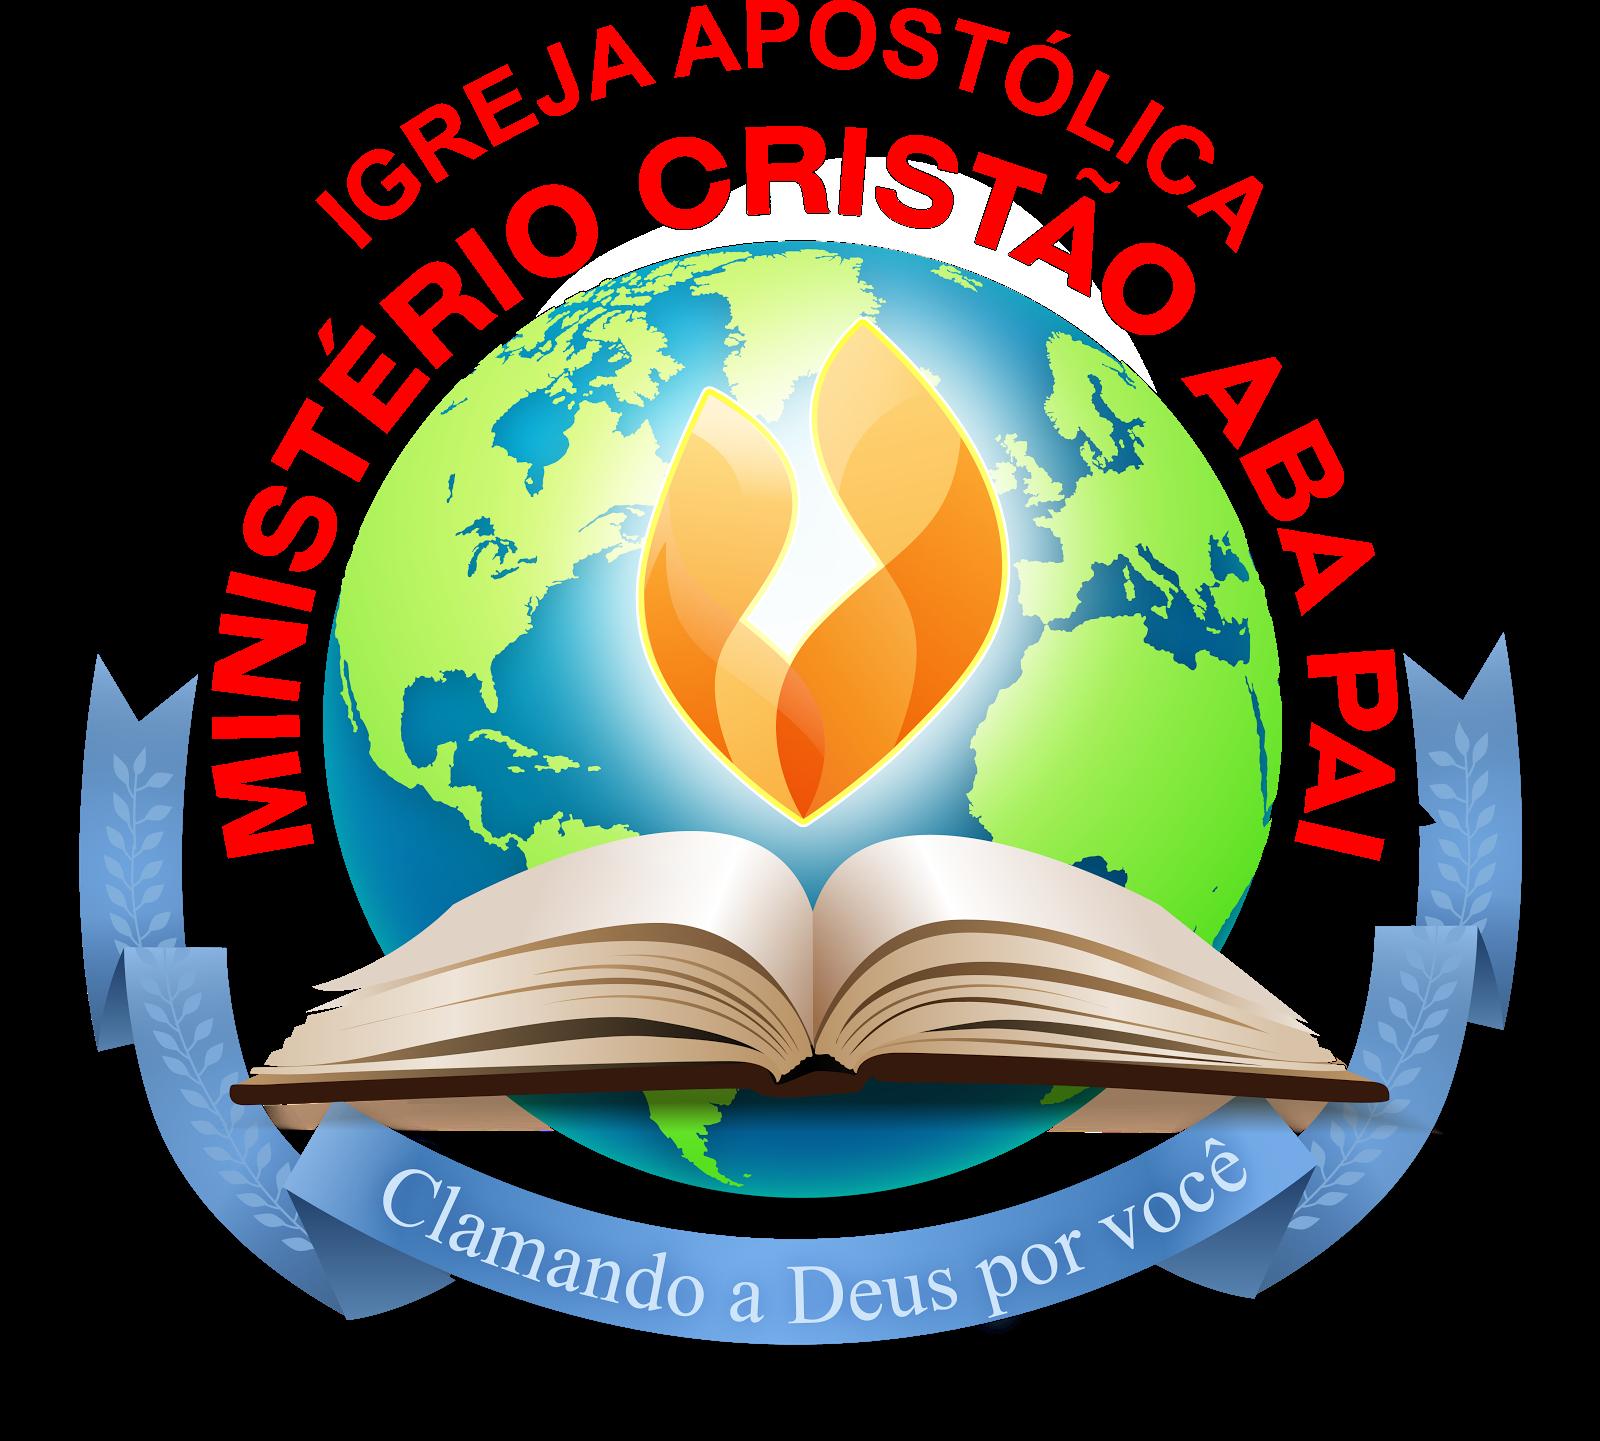 MINISTÉRIO CRISTÃO ABA PAI